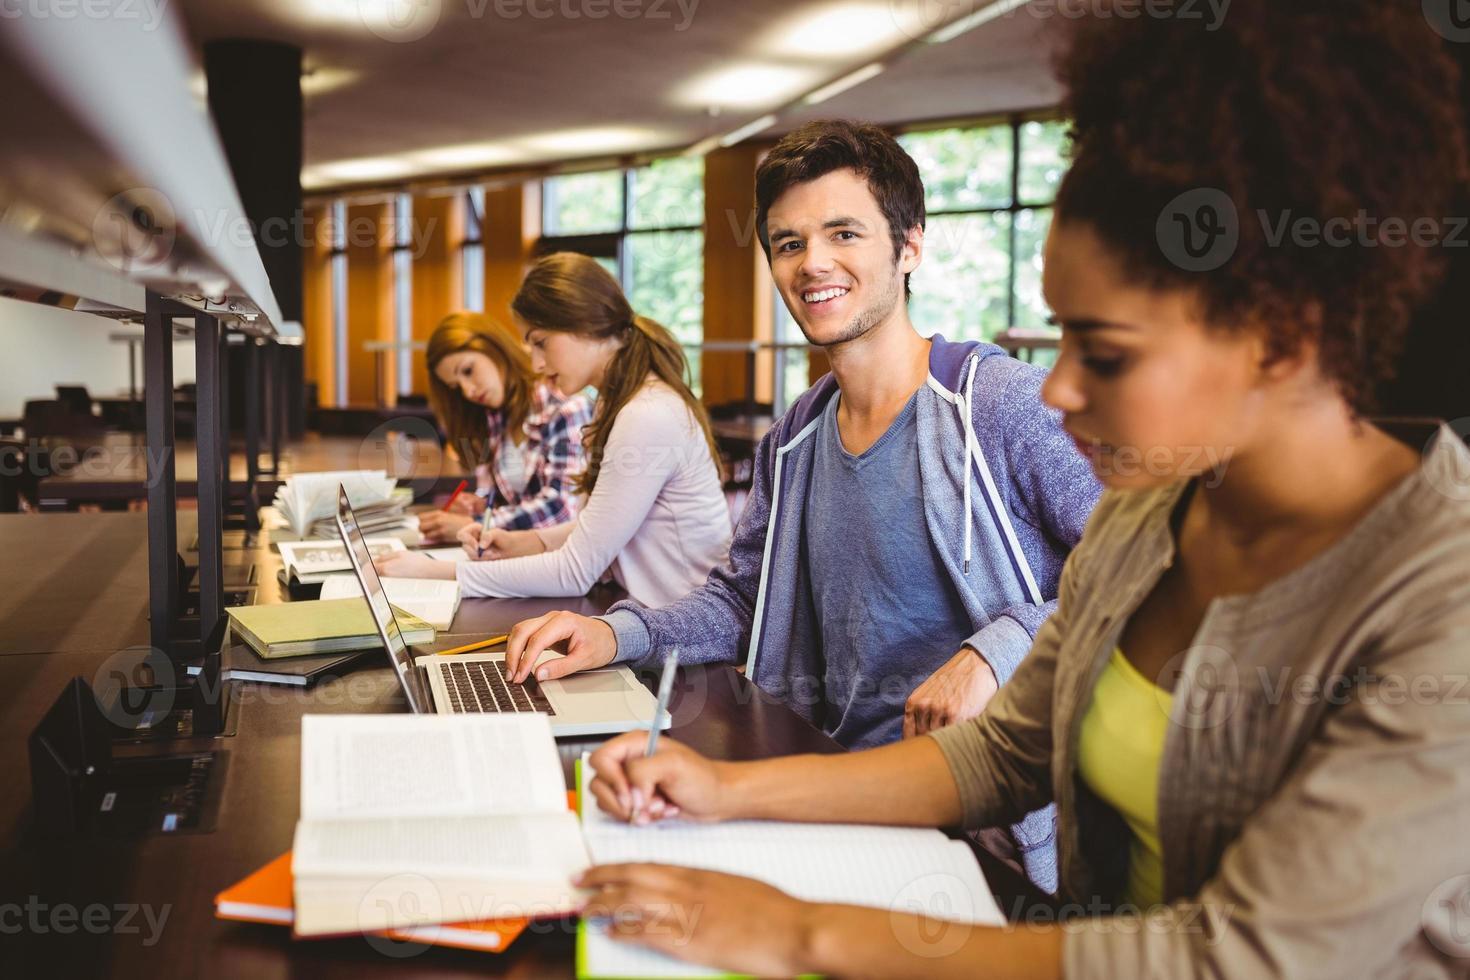 student camera kijken tijdens het studeren met klasgenoten foto